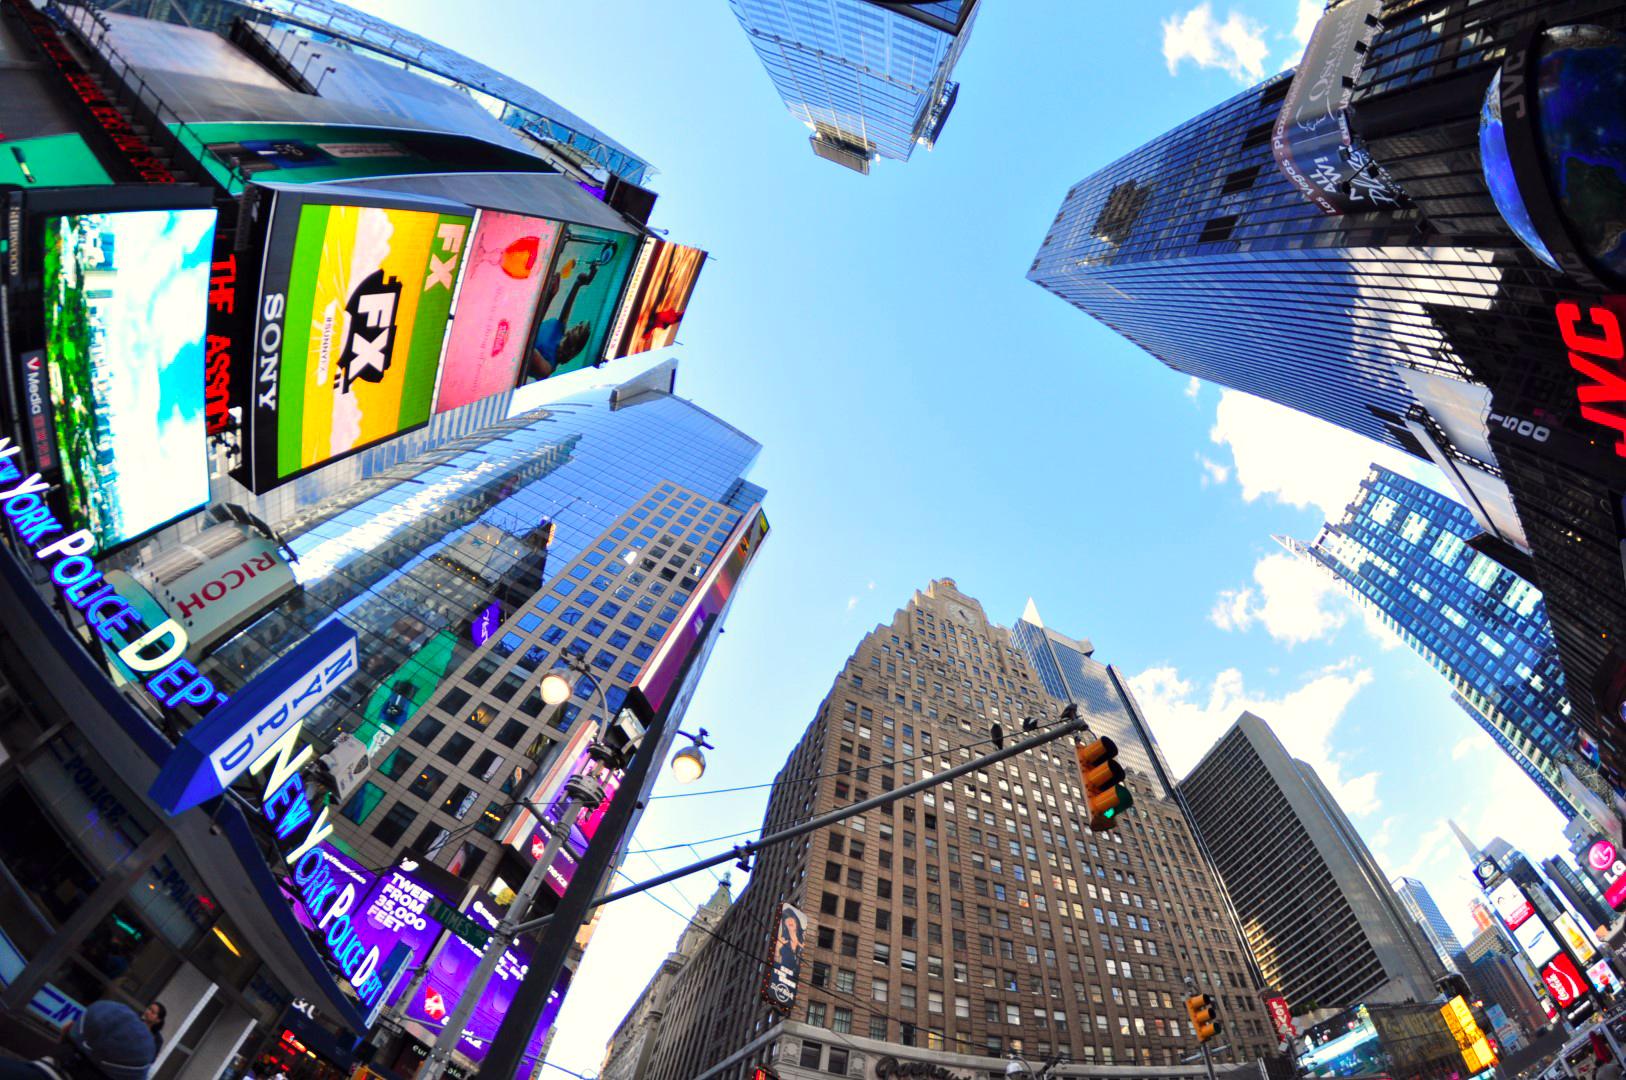 Qué hacer y ver en Nueva York qué hacer y ver en nueva york - 31028399321 9005e29c56 o - Qué hacer y ver en Nueva York